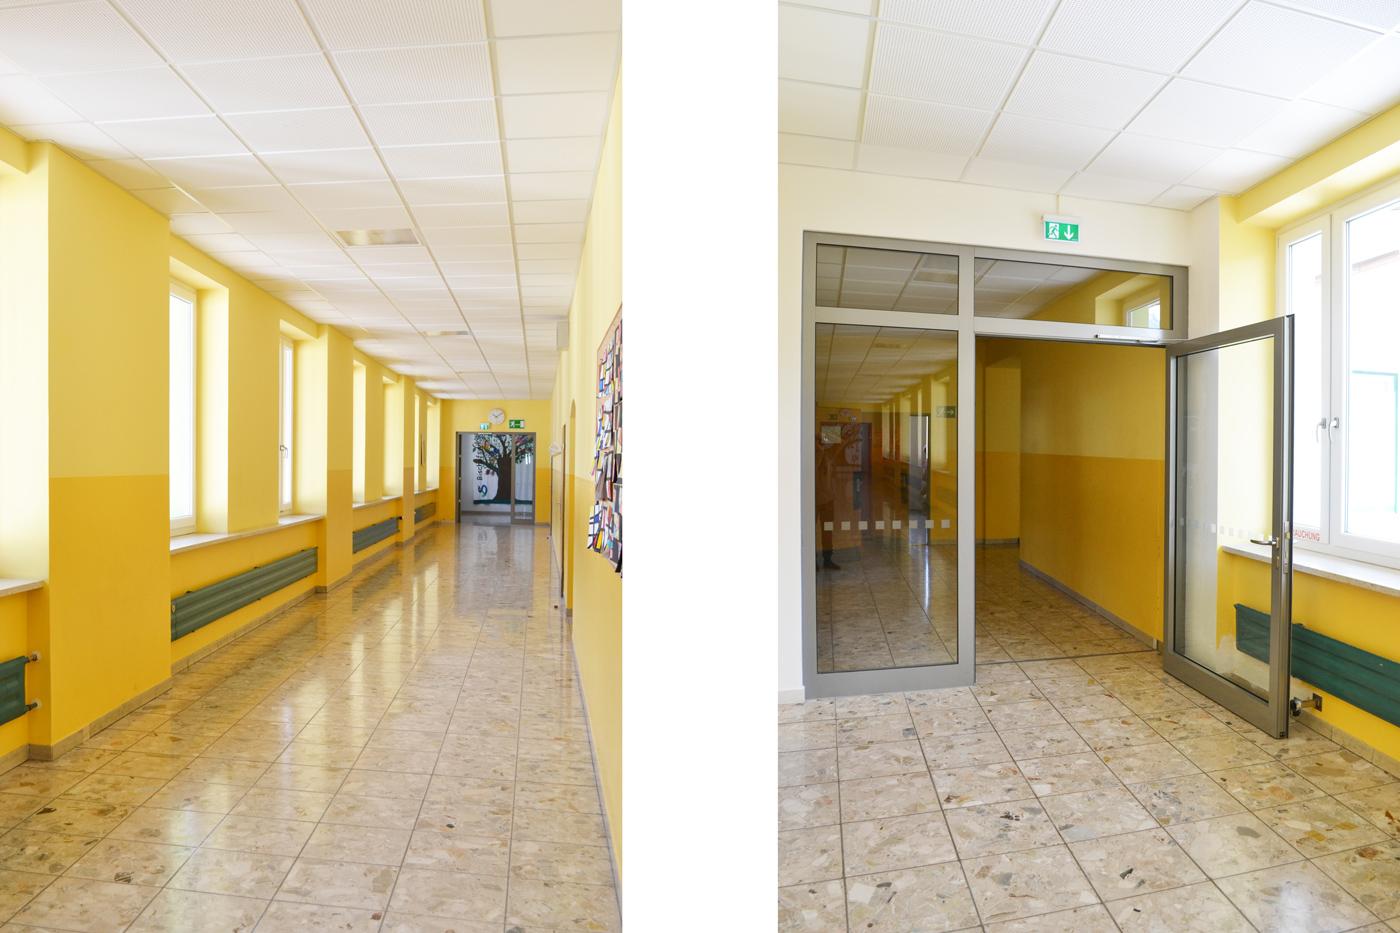 energetische sanierung der volks und hauptschule in bischofswiesen planungsgruppe strasser gmbh. Black Bedroom Furniture Sets. Home Design Ideas